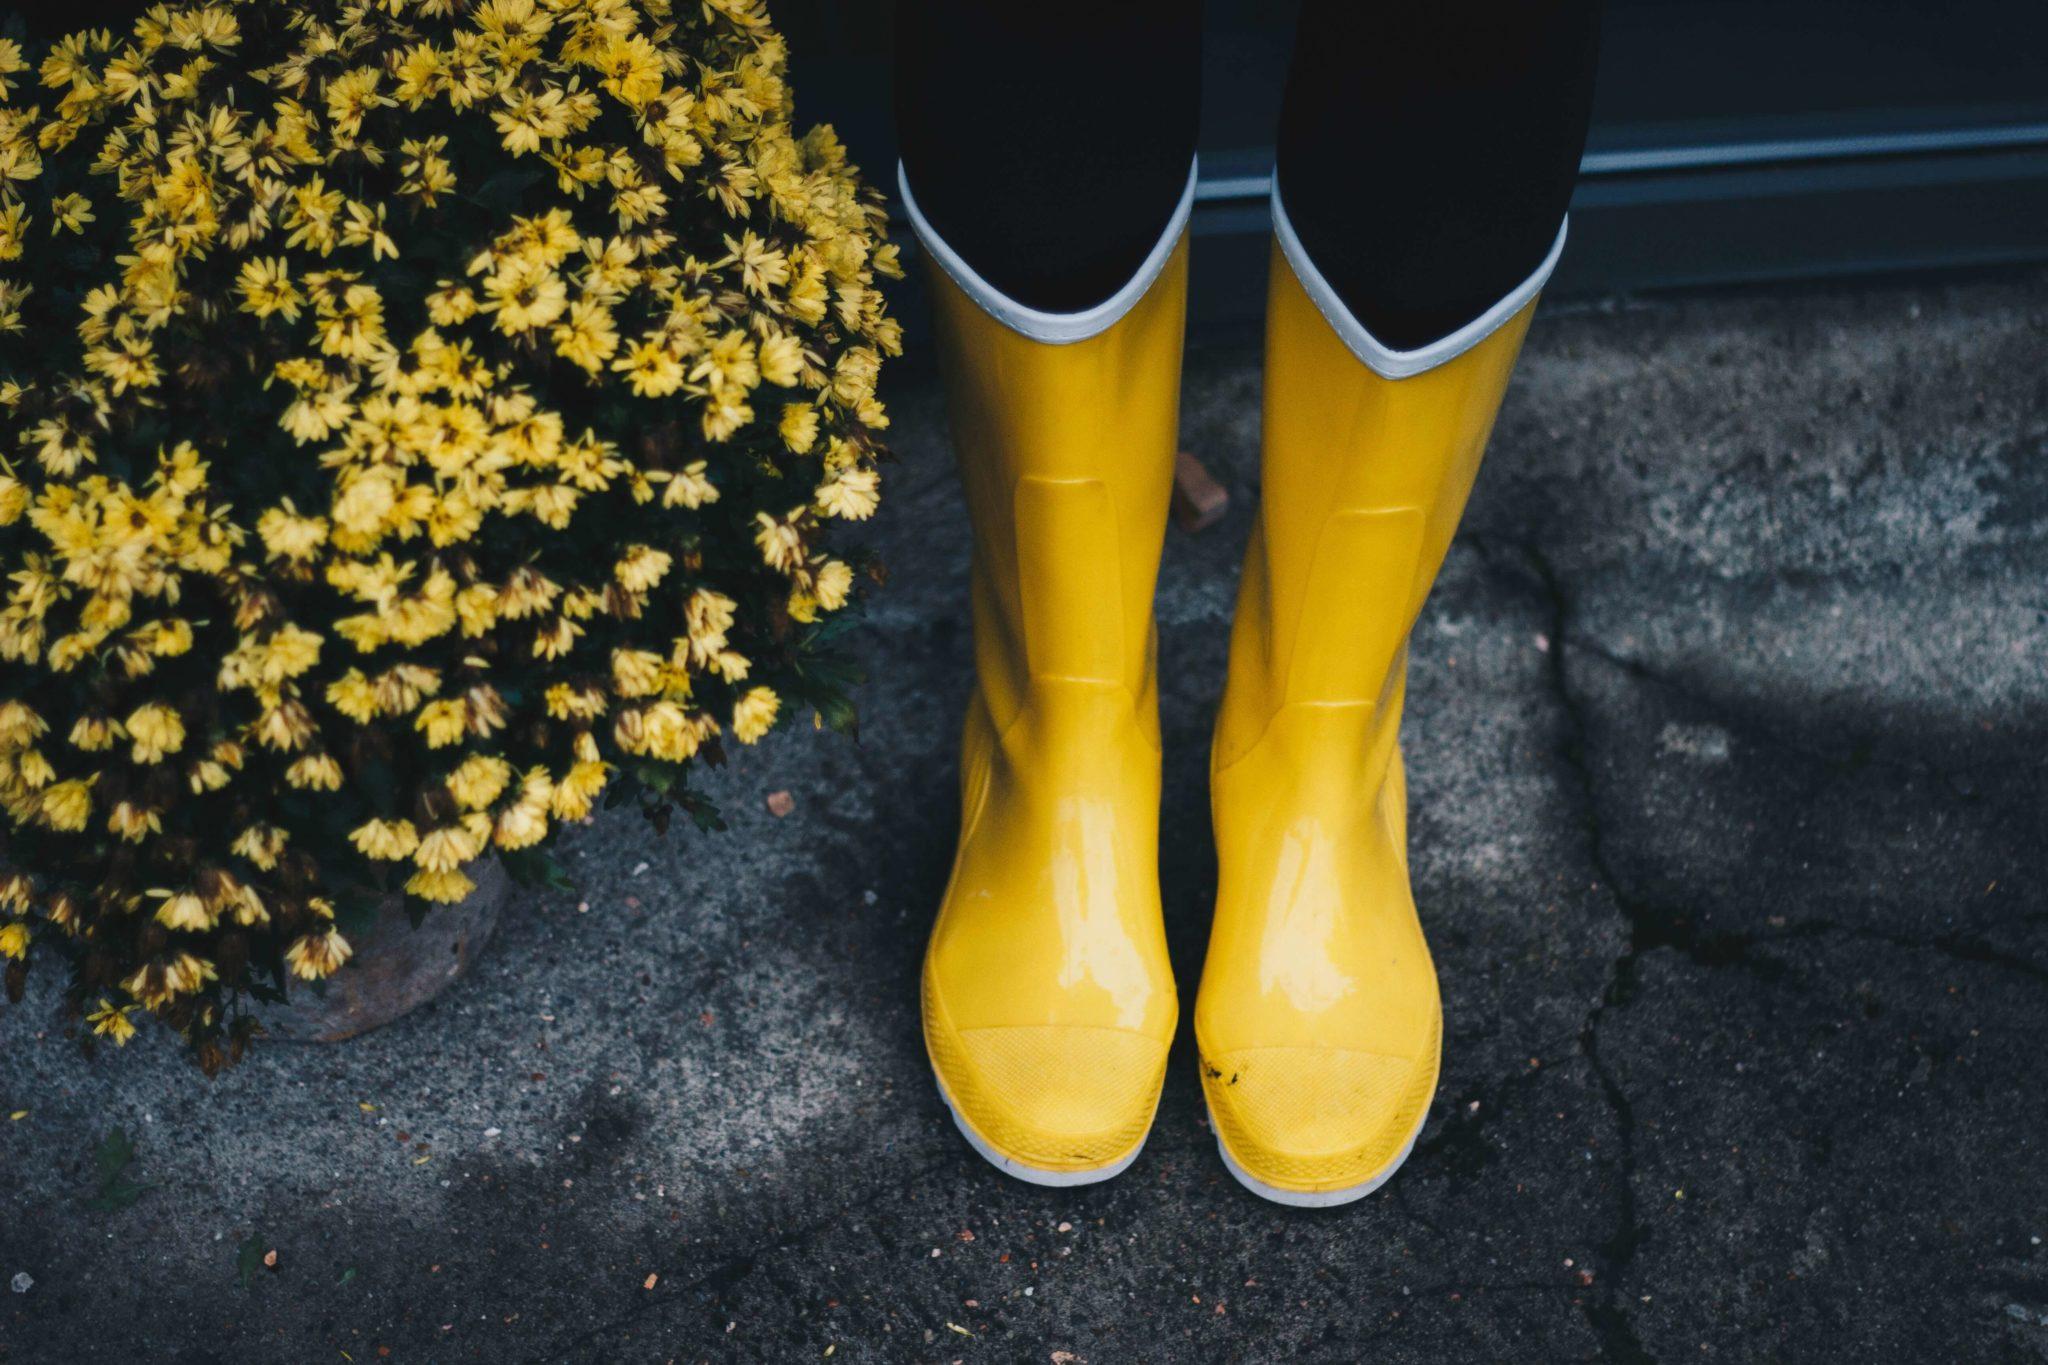 Żółte gumowce i żółte kwiaty